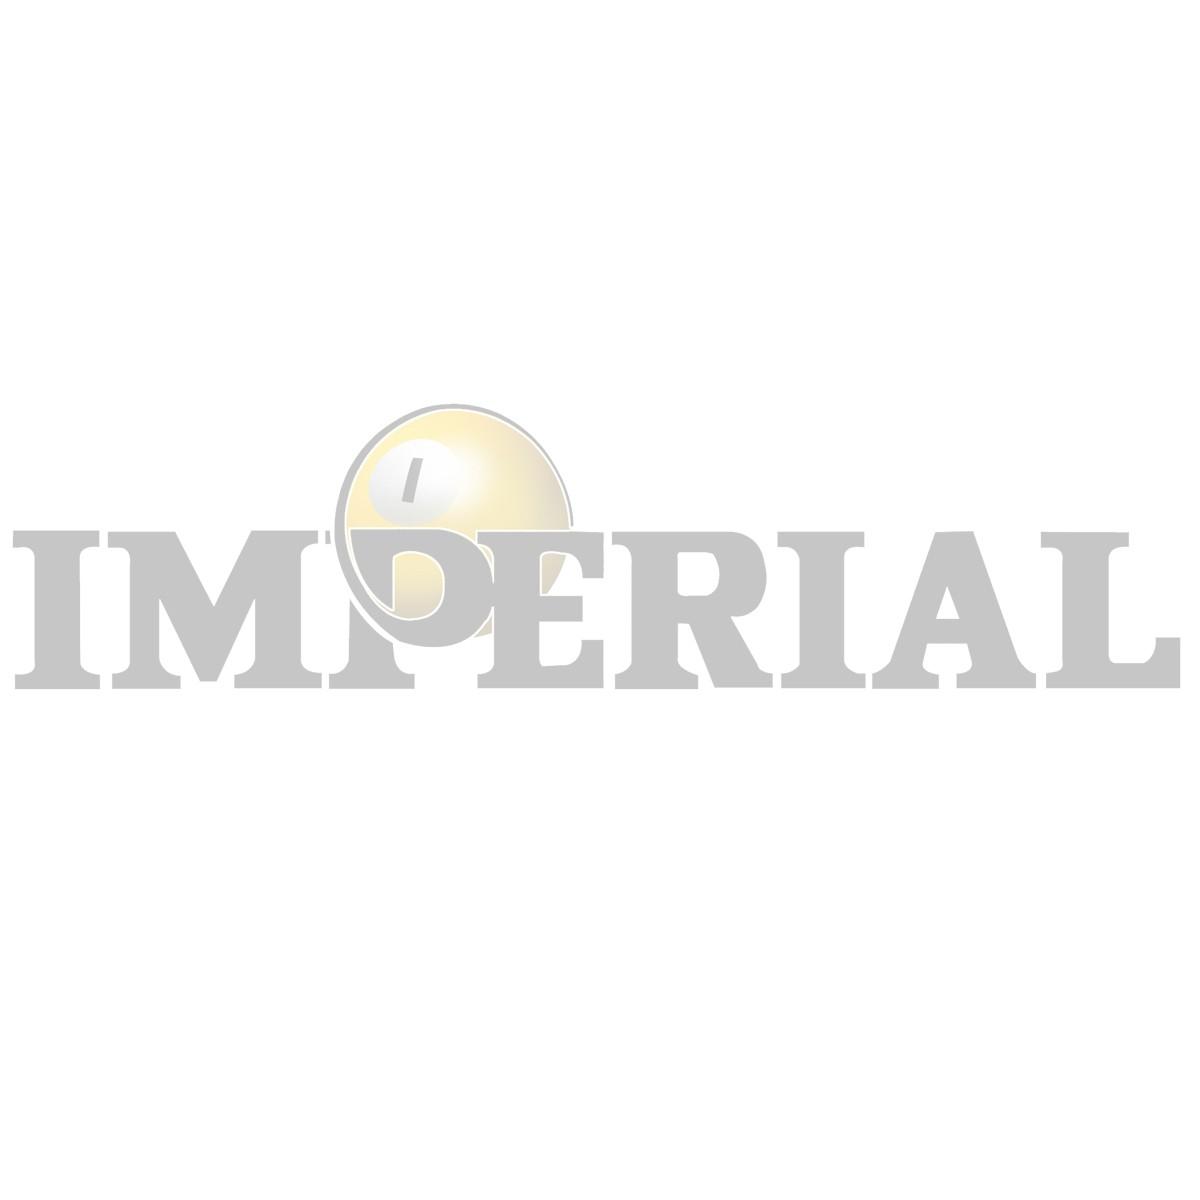 Tampa Bay Rays Home vs. Away Billiard Ball Set